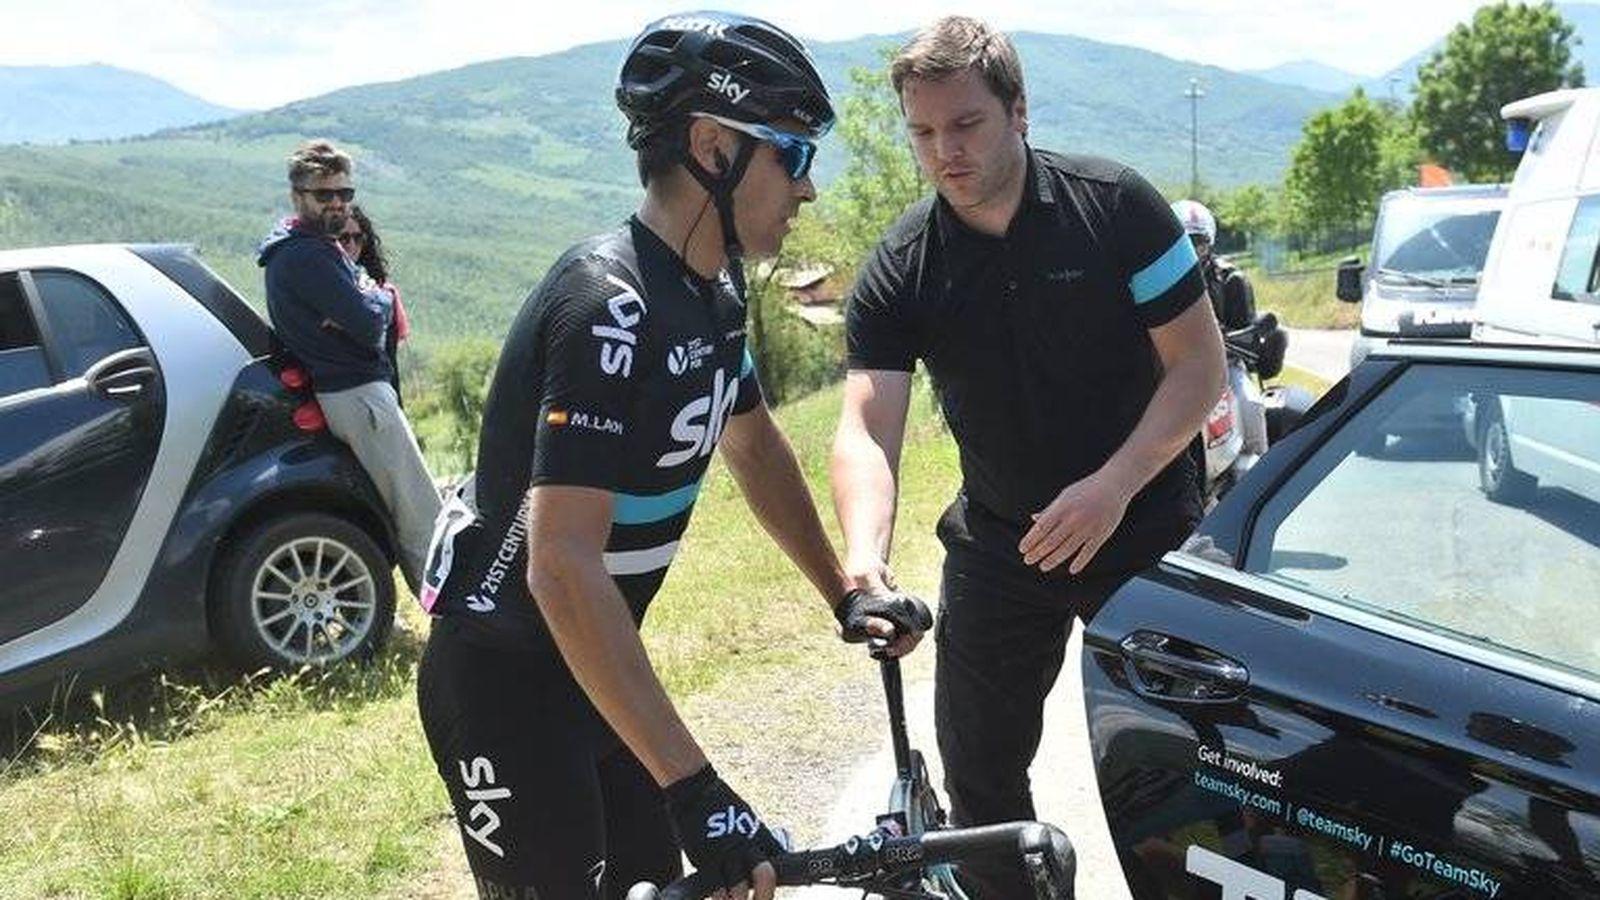 Foto: Momento en el que Landa se baja de la bici (Team Sky).